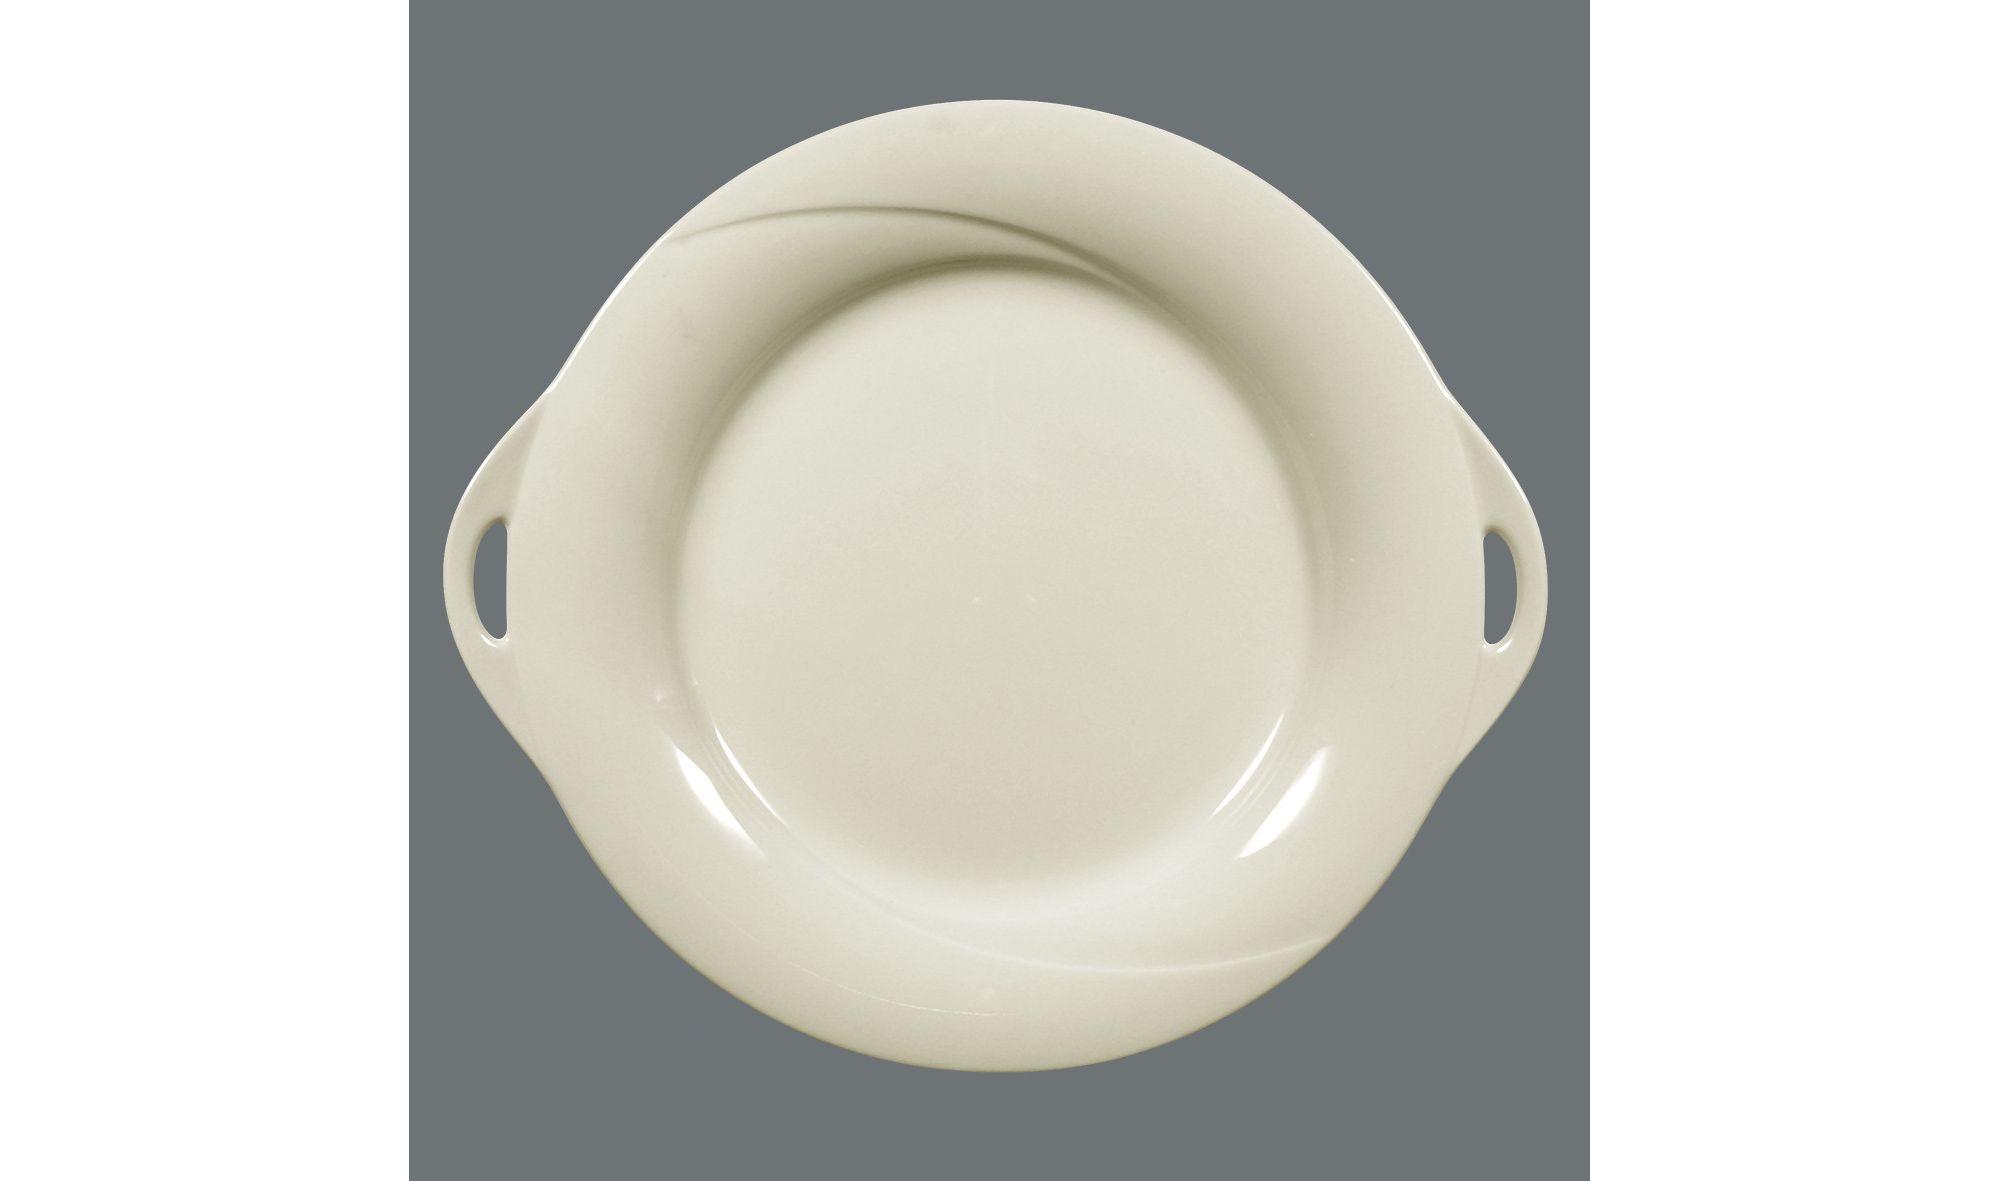 Seltmann Weiden Orlando Cream 27cm Cake Platter with Handle